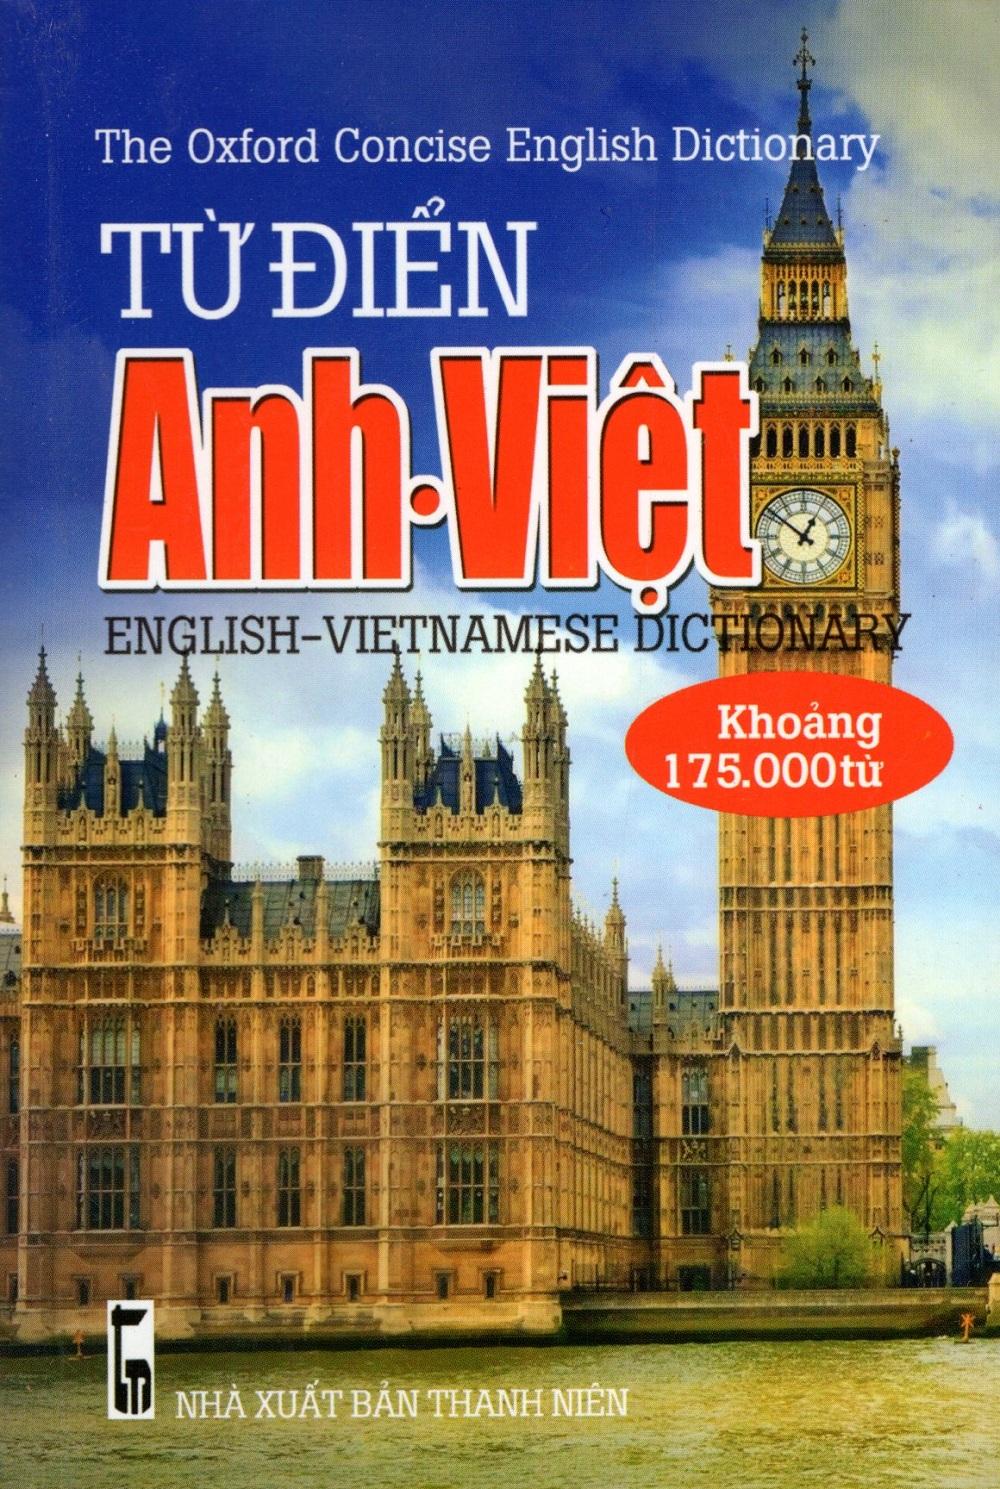 Bìa sách Từ Điển Anh - Việt (Khoảng 175.000 Từ - 2016) - Sách Bỏ Túi